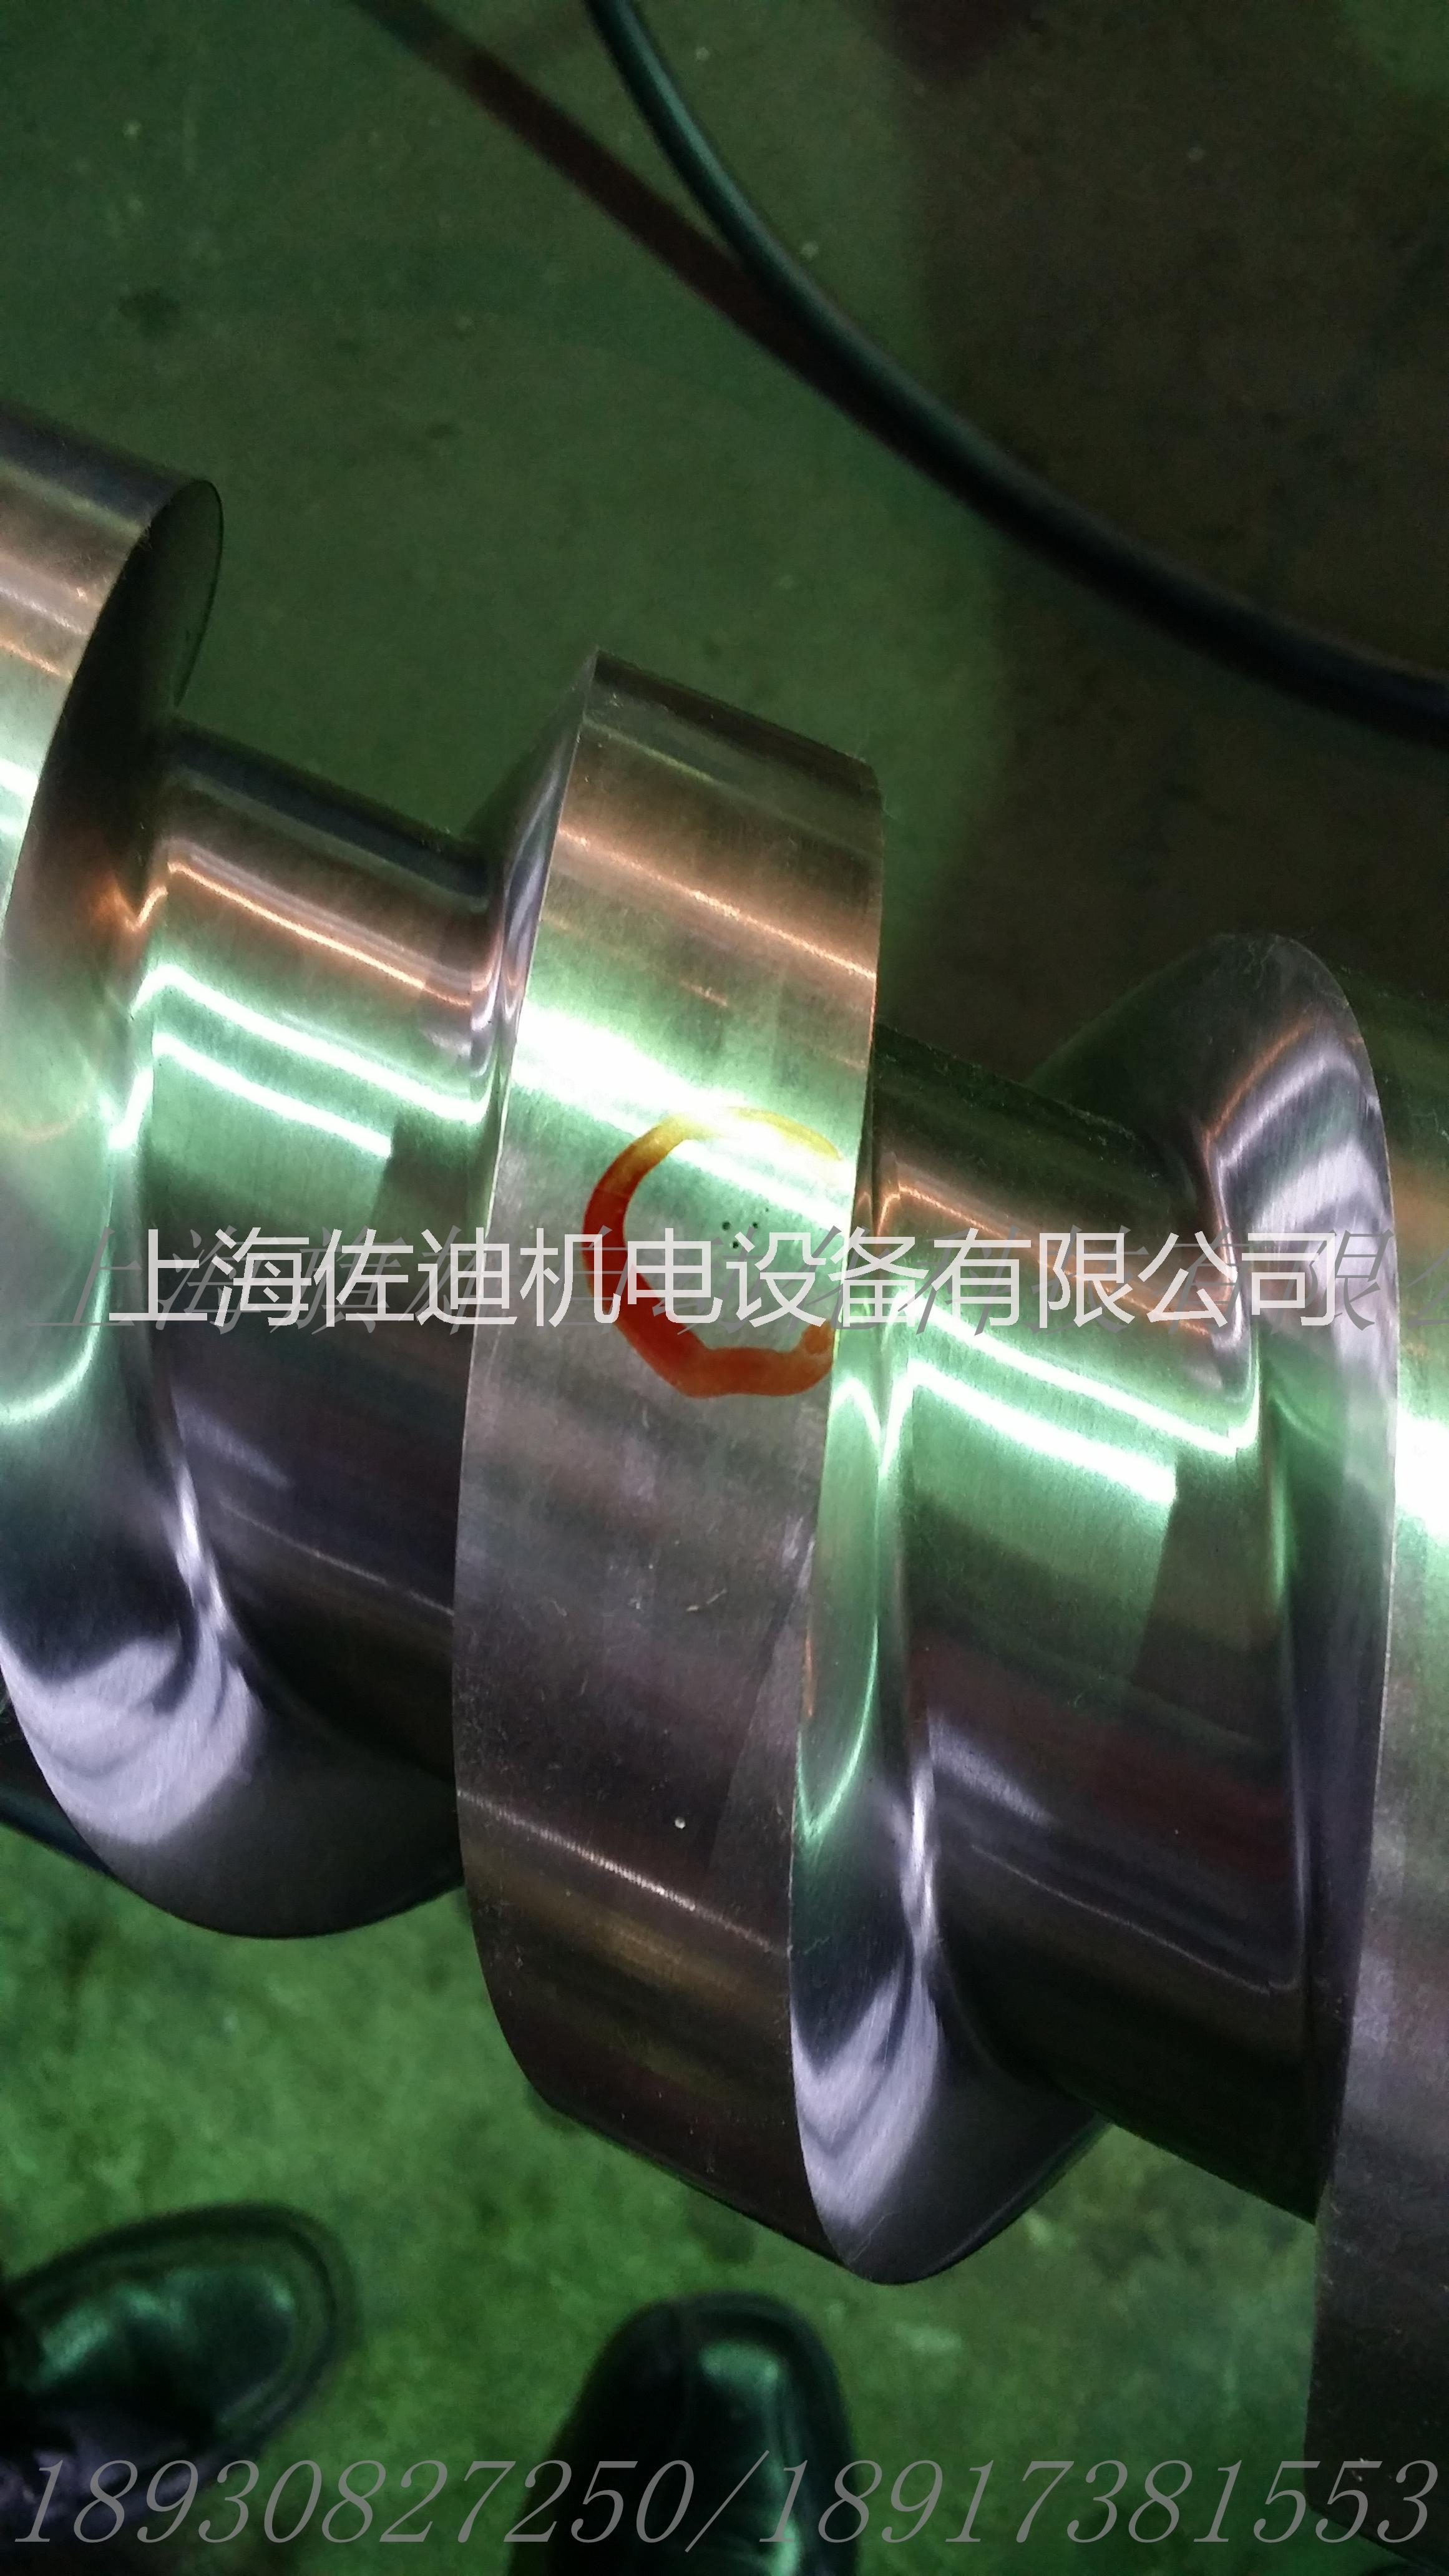 焊补工艺 冷焊设备 厂家直销冷焊